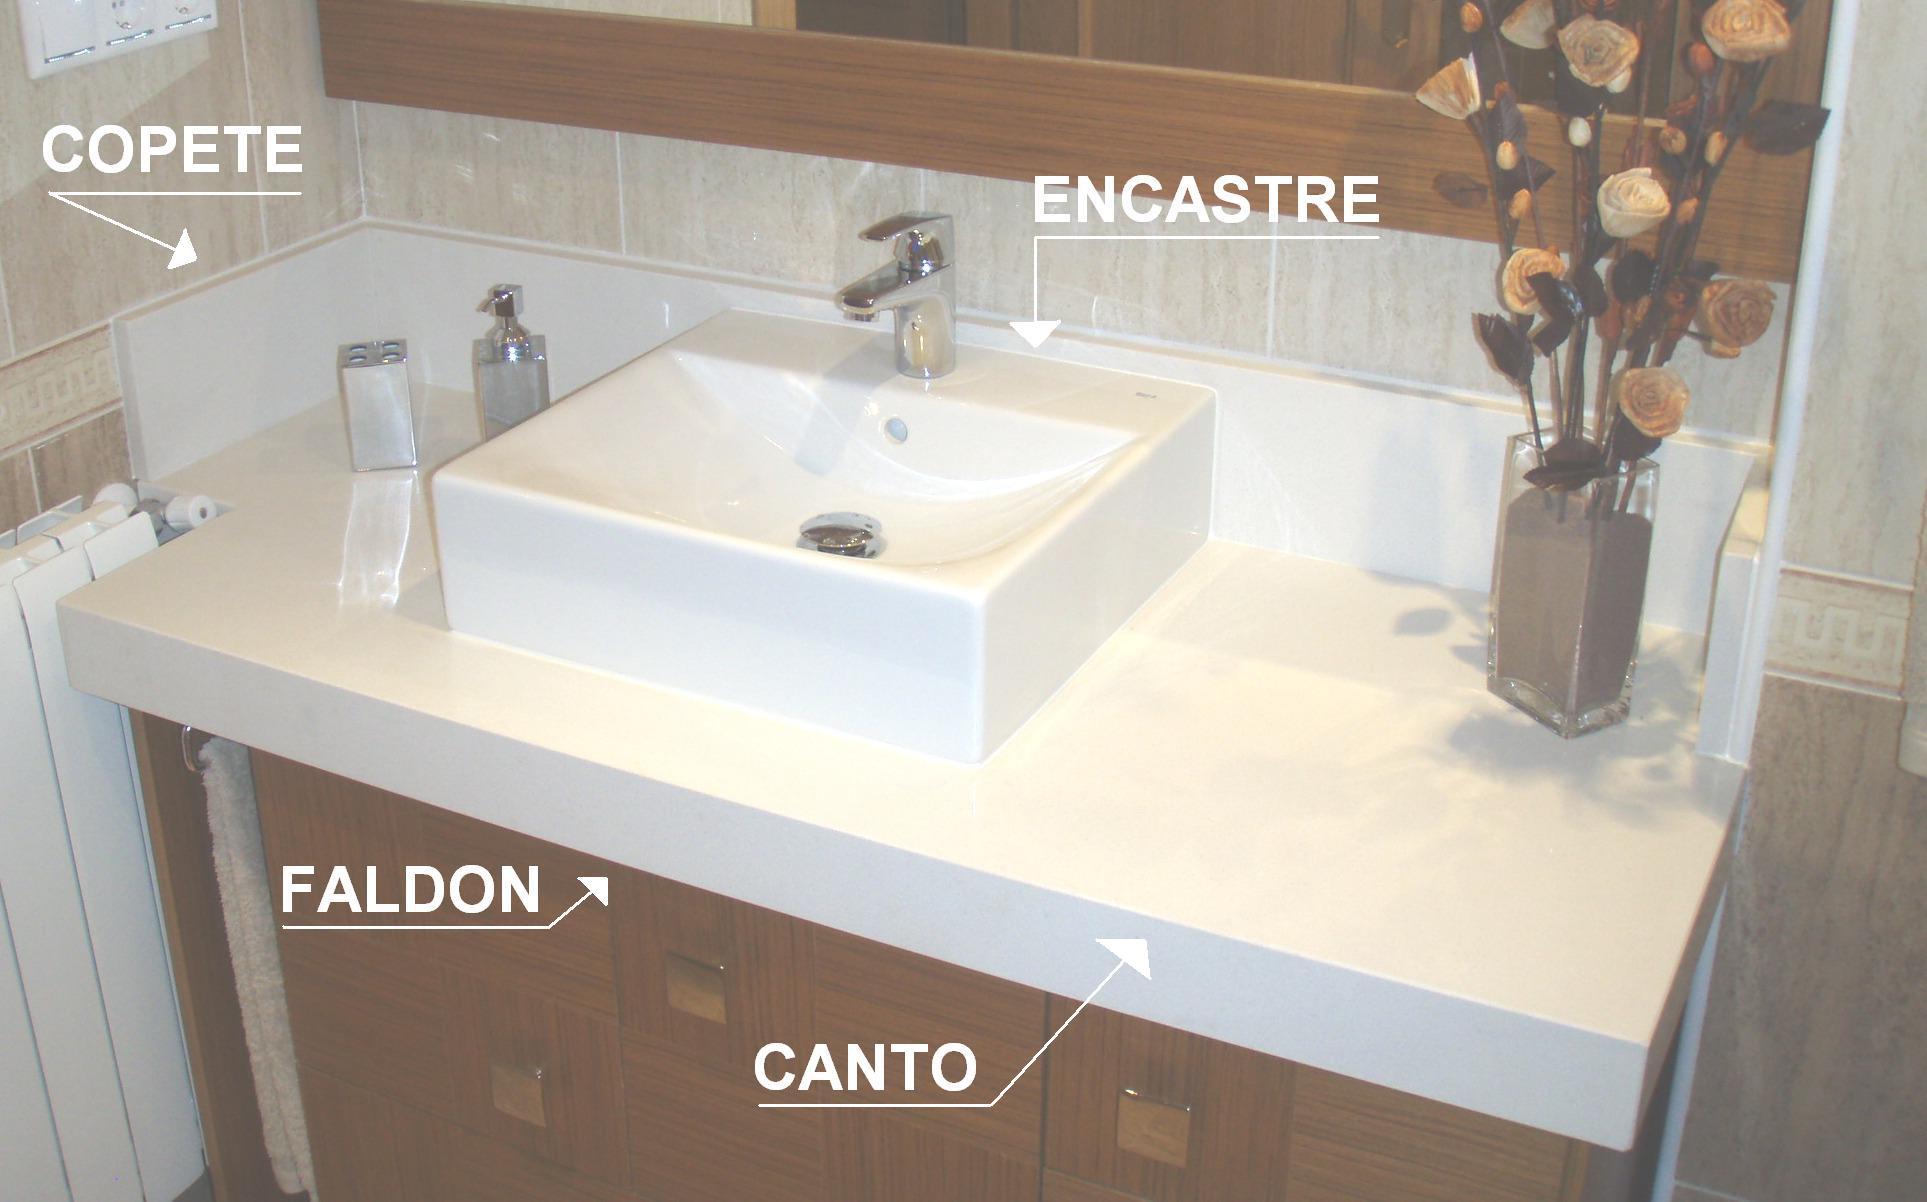 imagenes de baos con granito una bancada para poder orientarle en la elaboracin de su bao imagenes de baos con granito